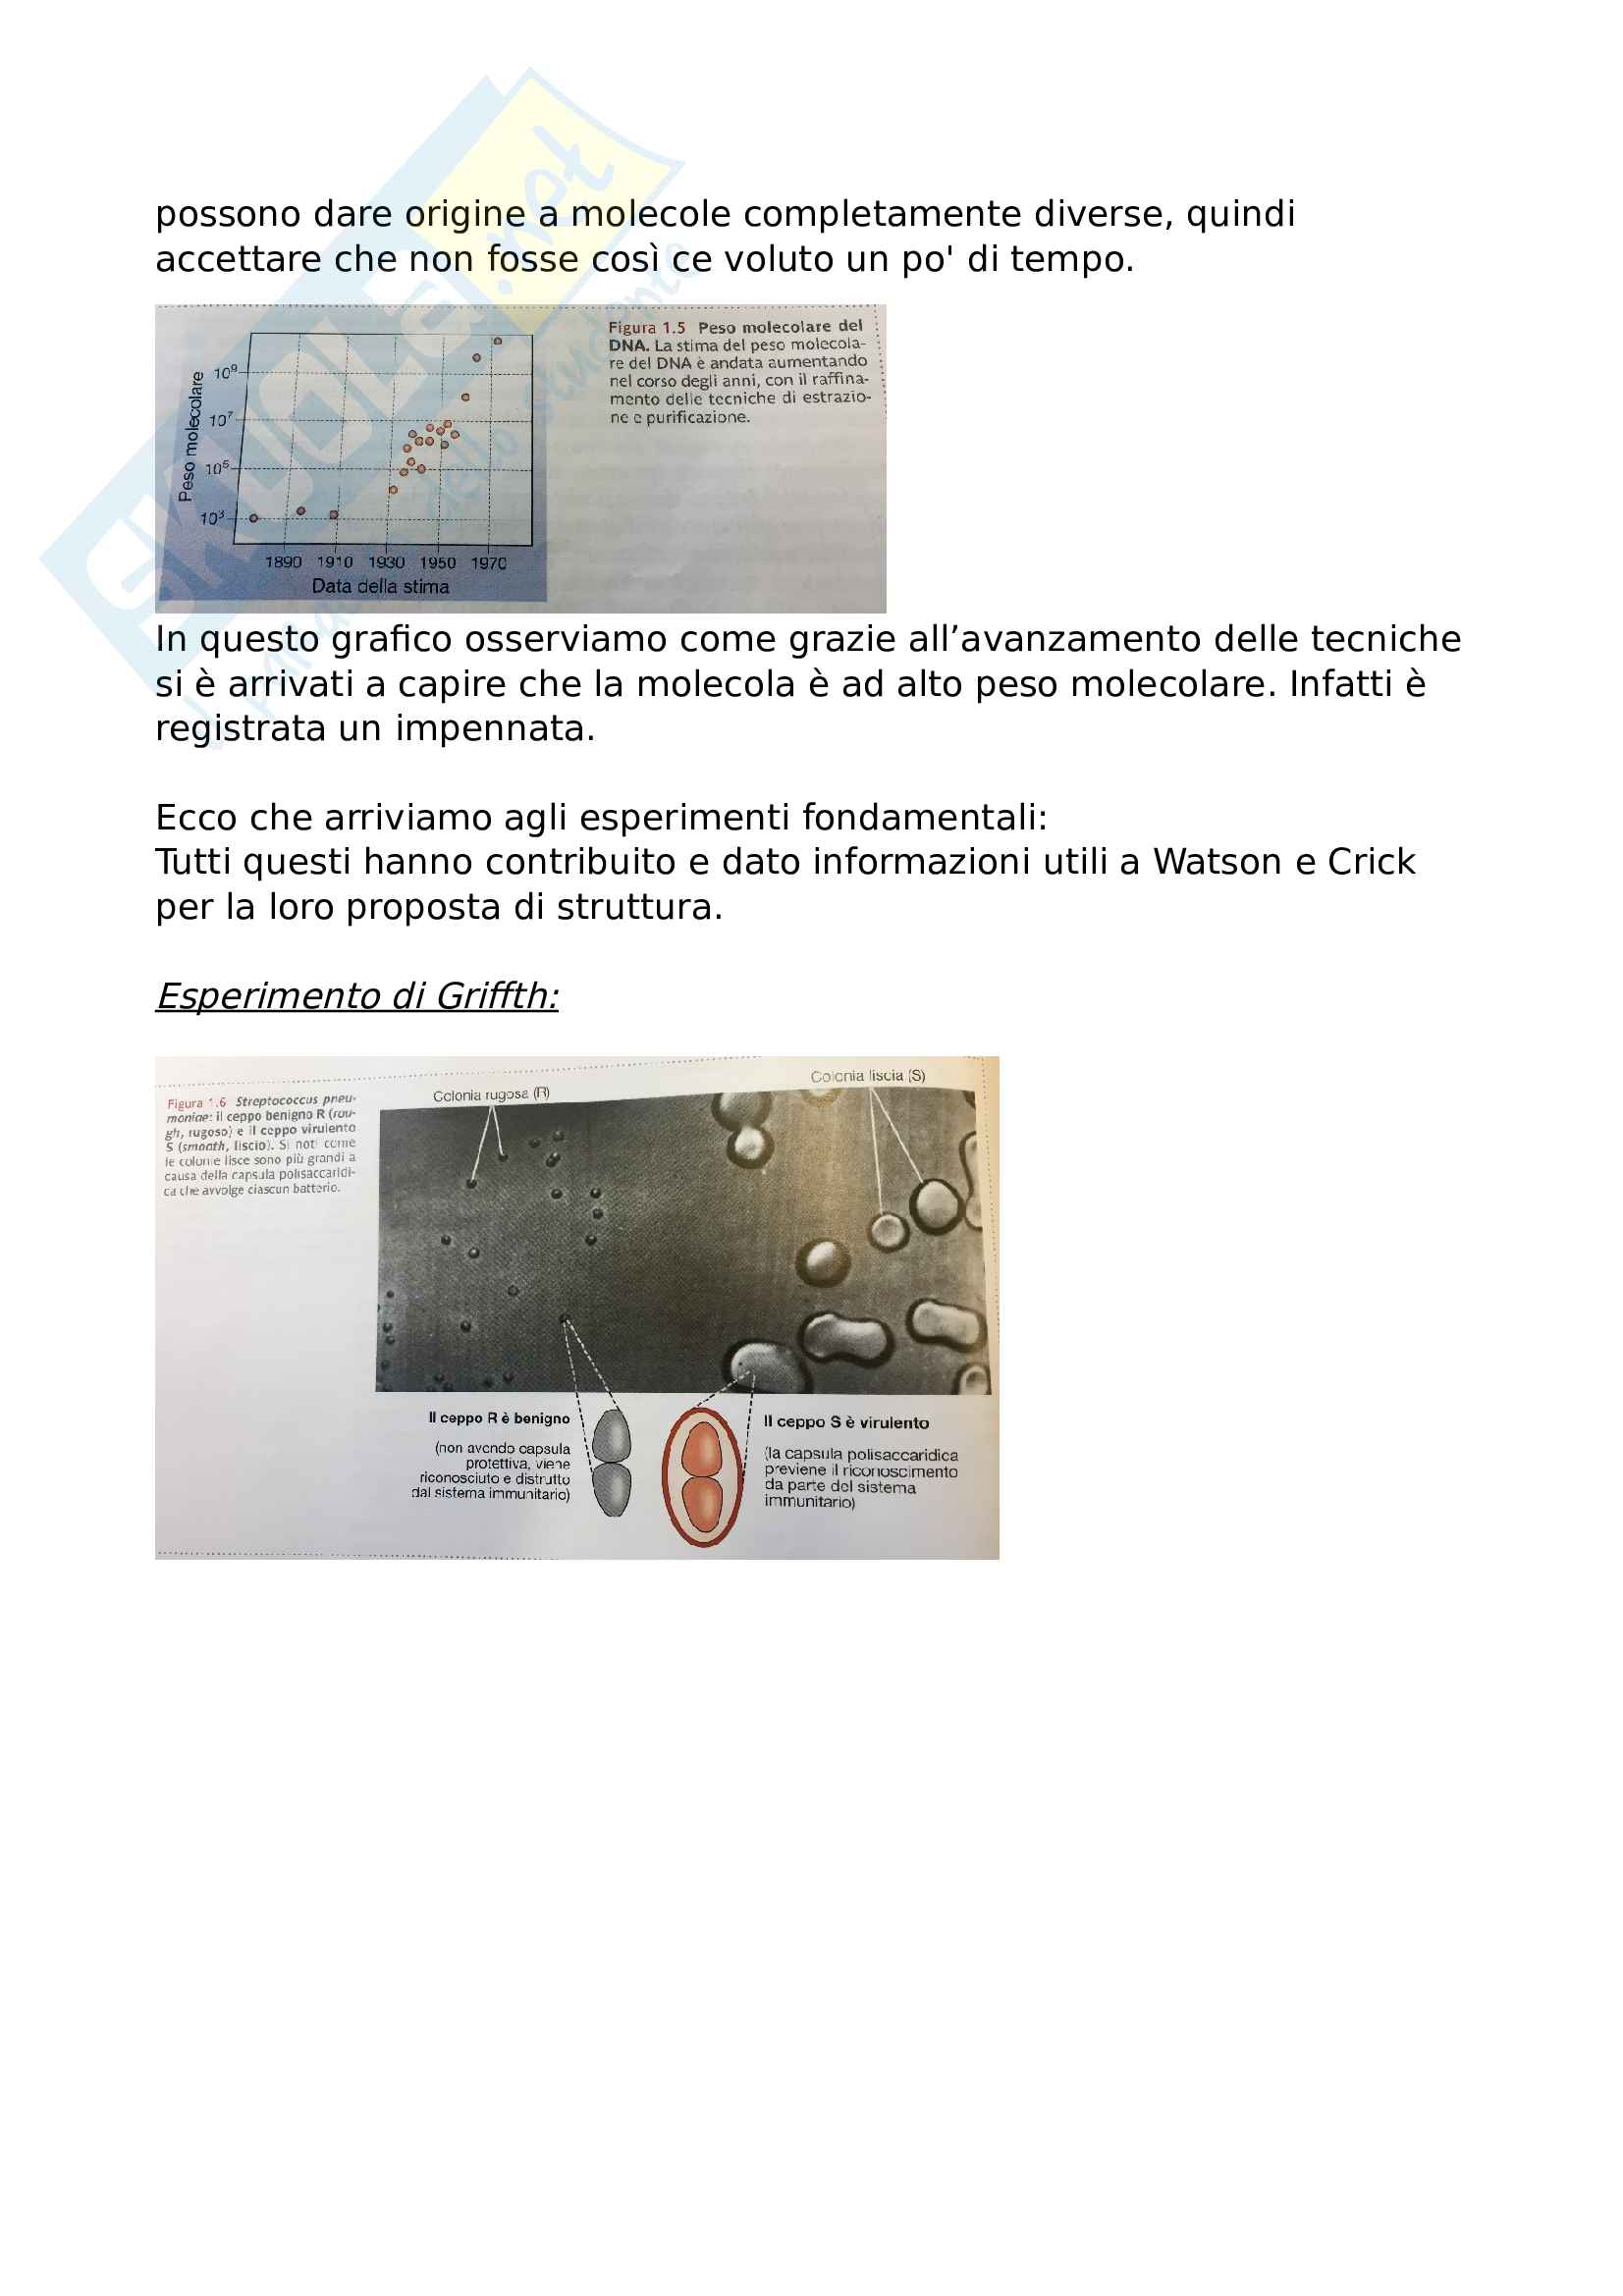 Struttura Dna - Biologia Molecolare Pag. 2